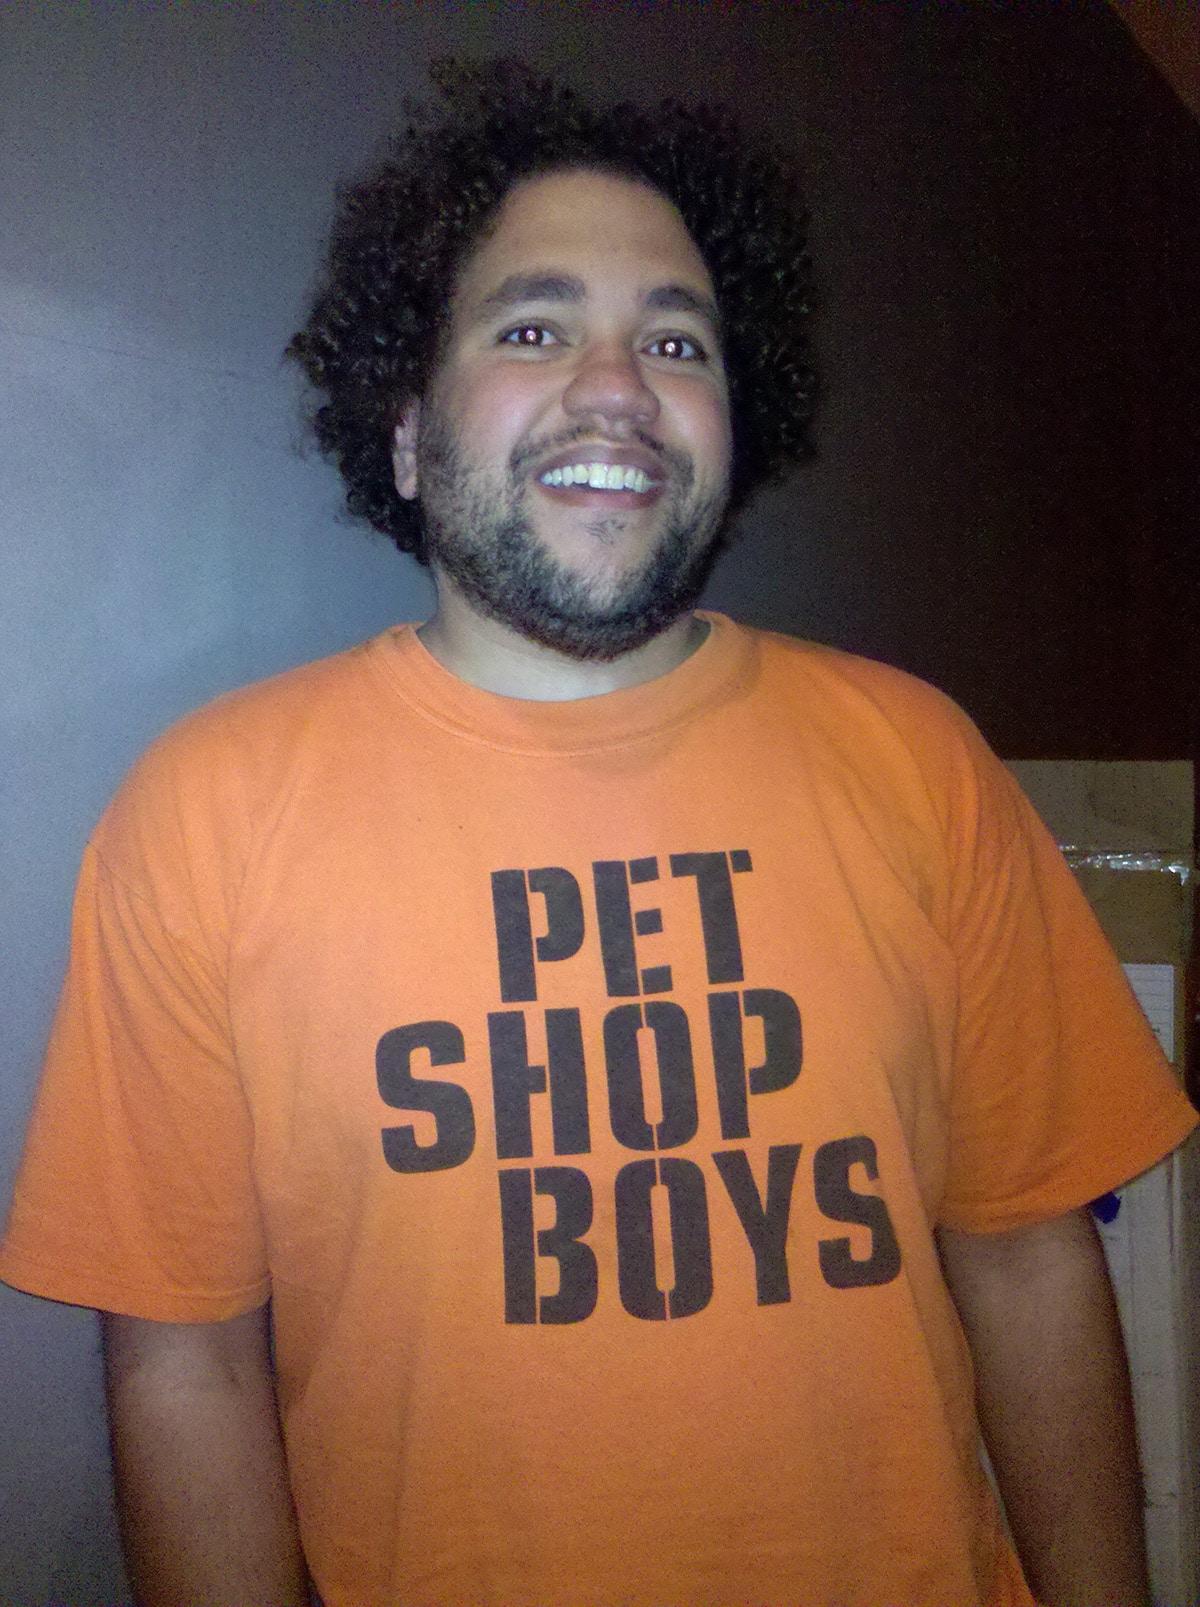 Duck Washington, wearing an orange Pet Shop Boys shirt.